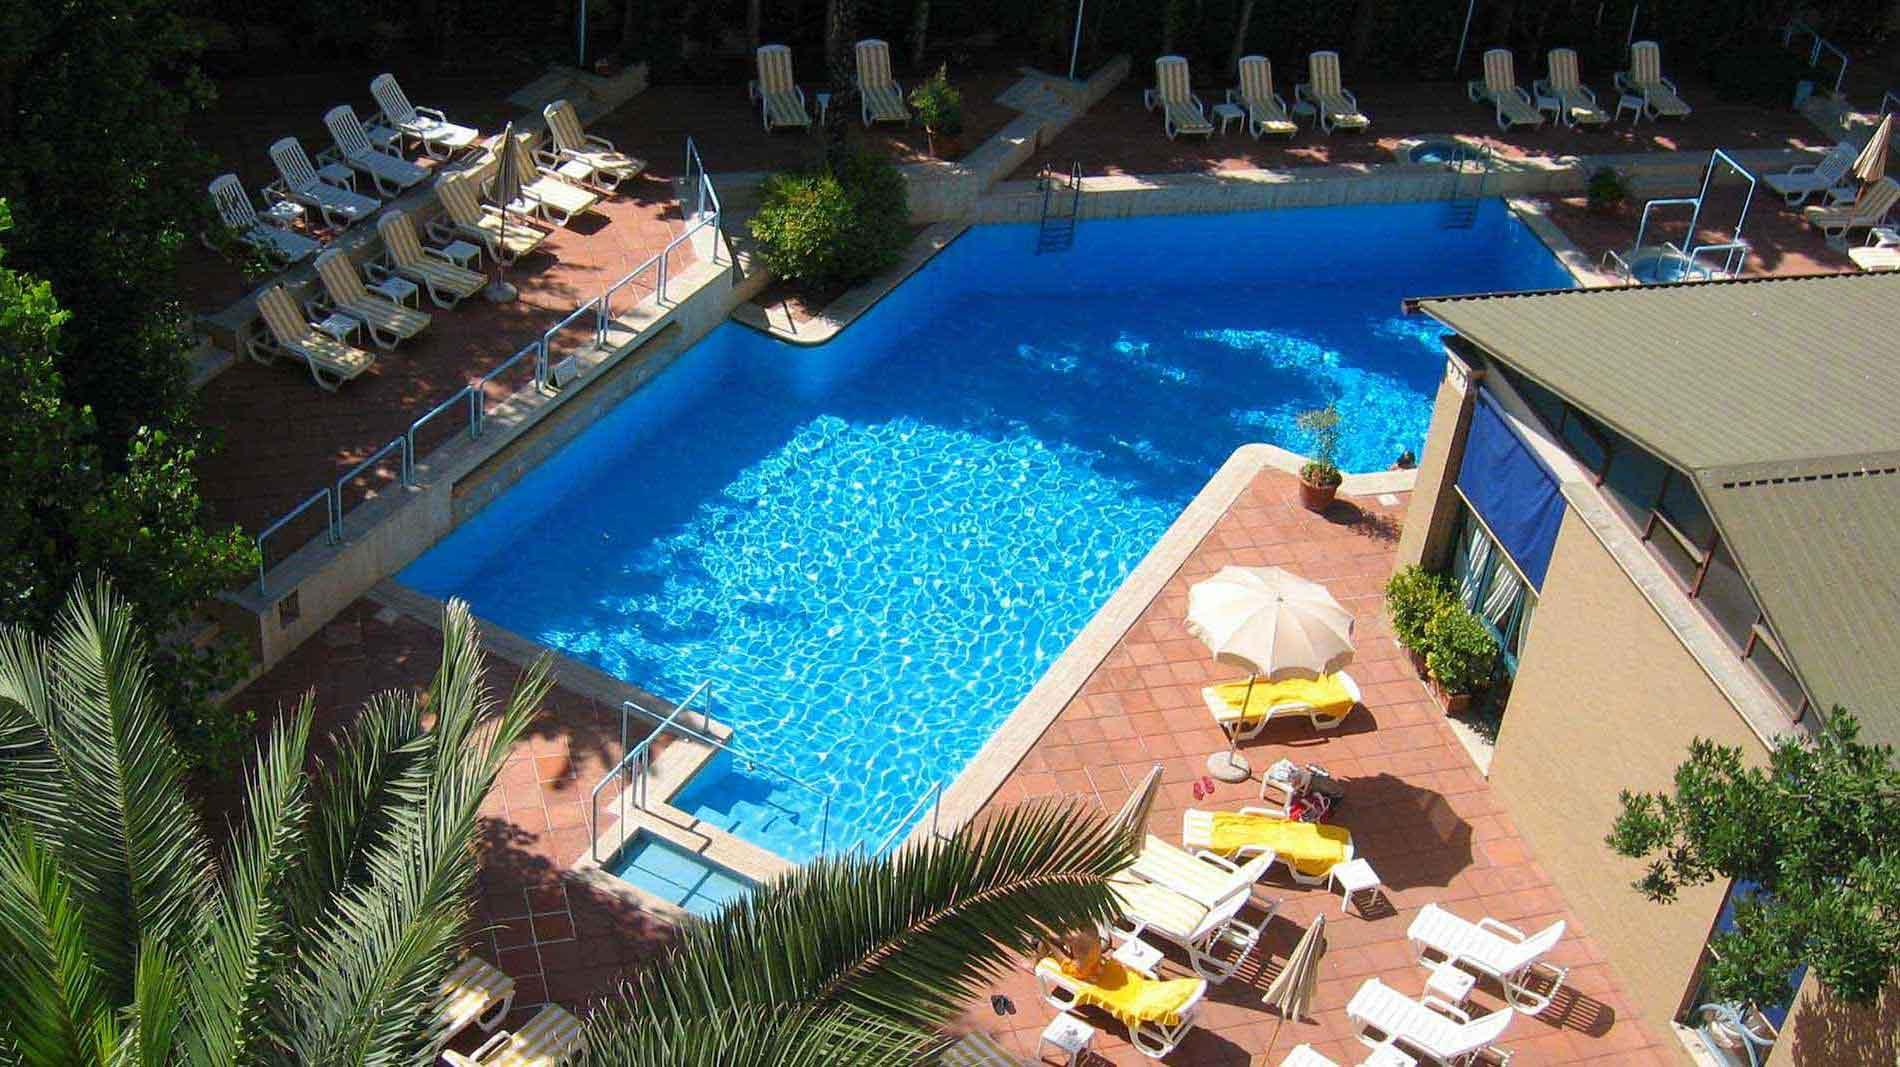 Hotel con piscina roma - Hotel a pejo con piscina ...